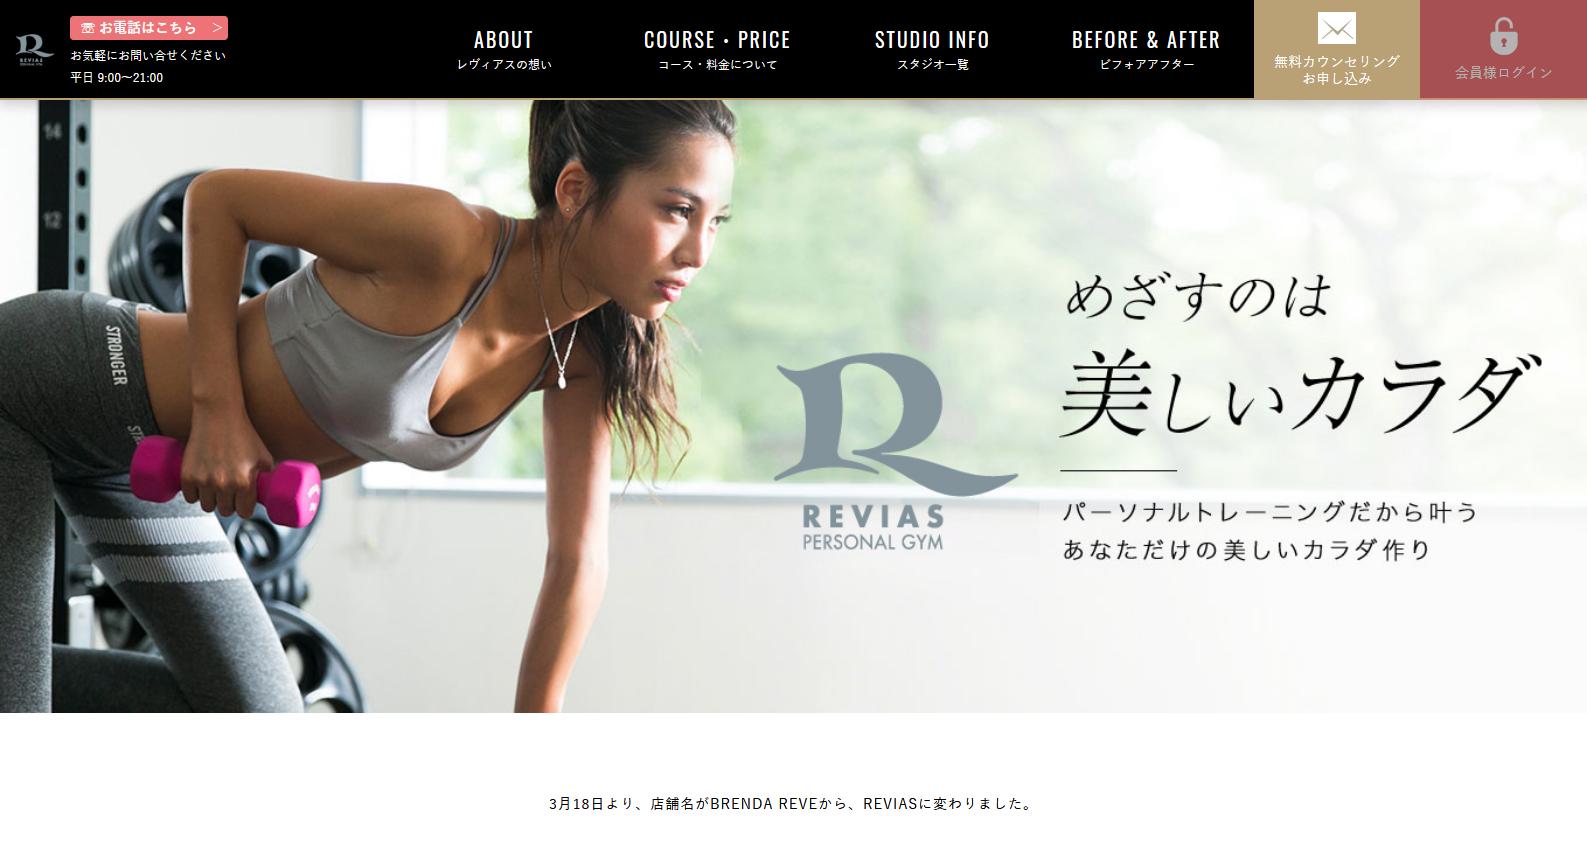 パーソナルトレーニングジム|REVIAS レヴィアス